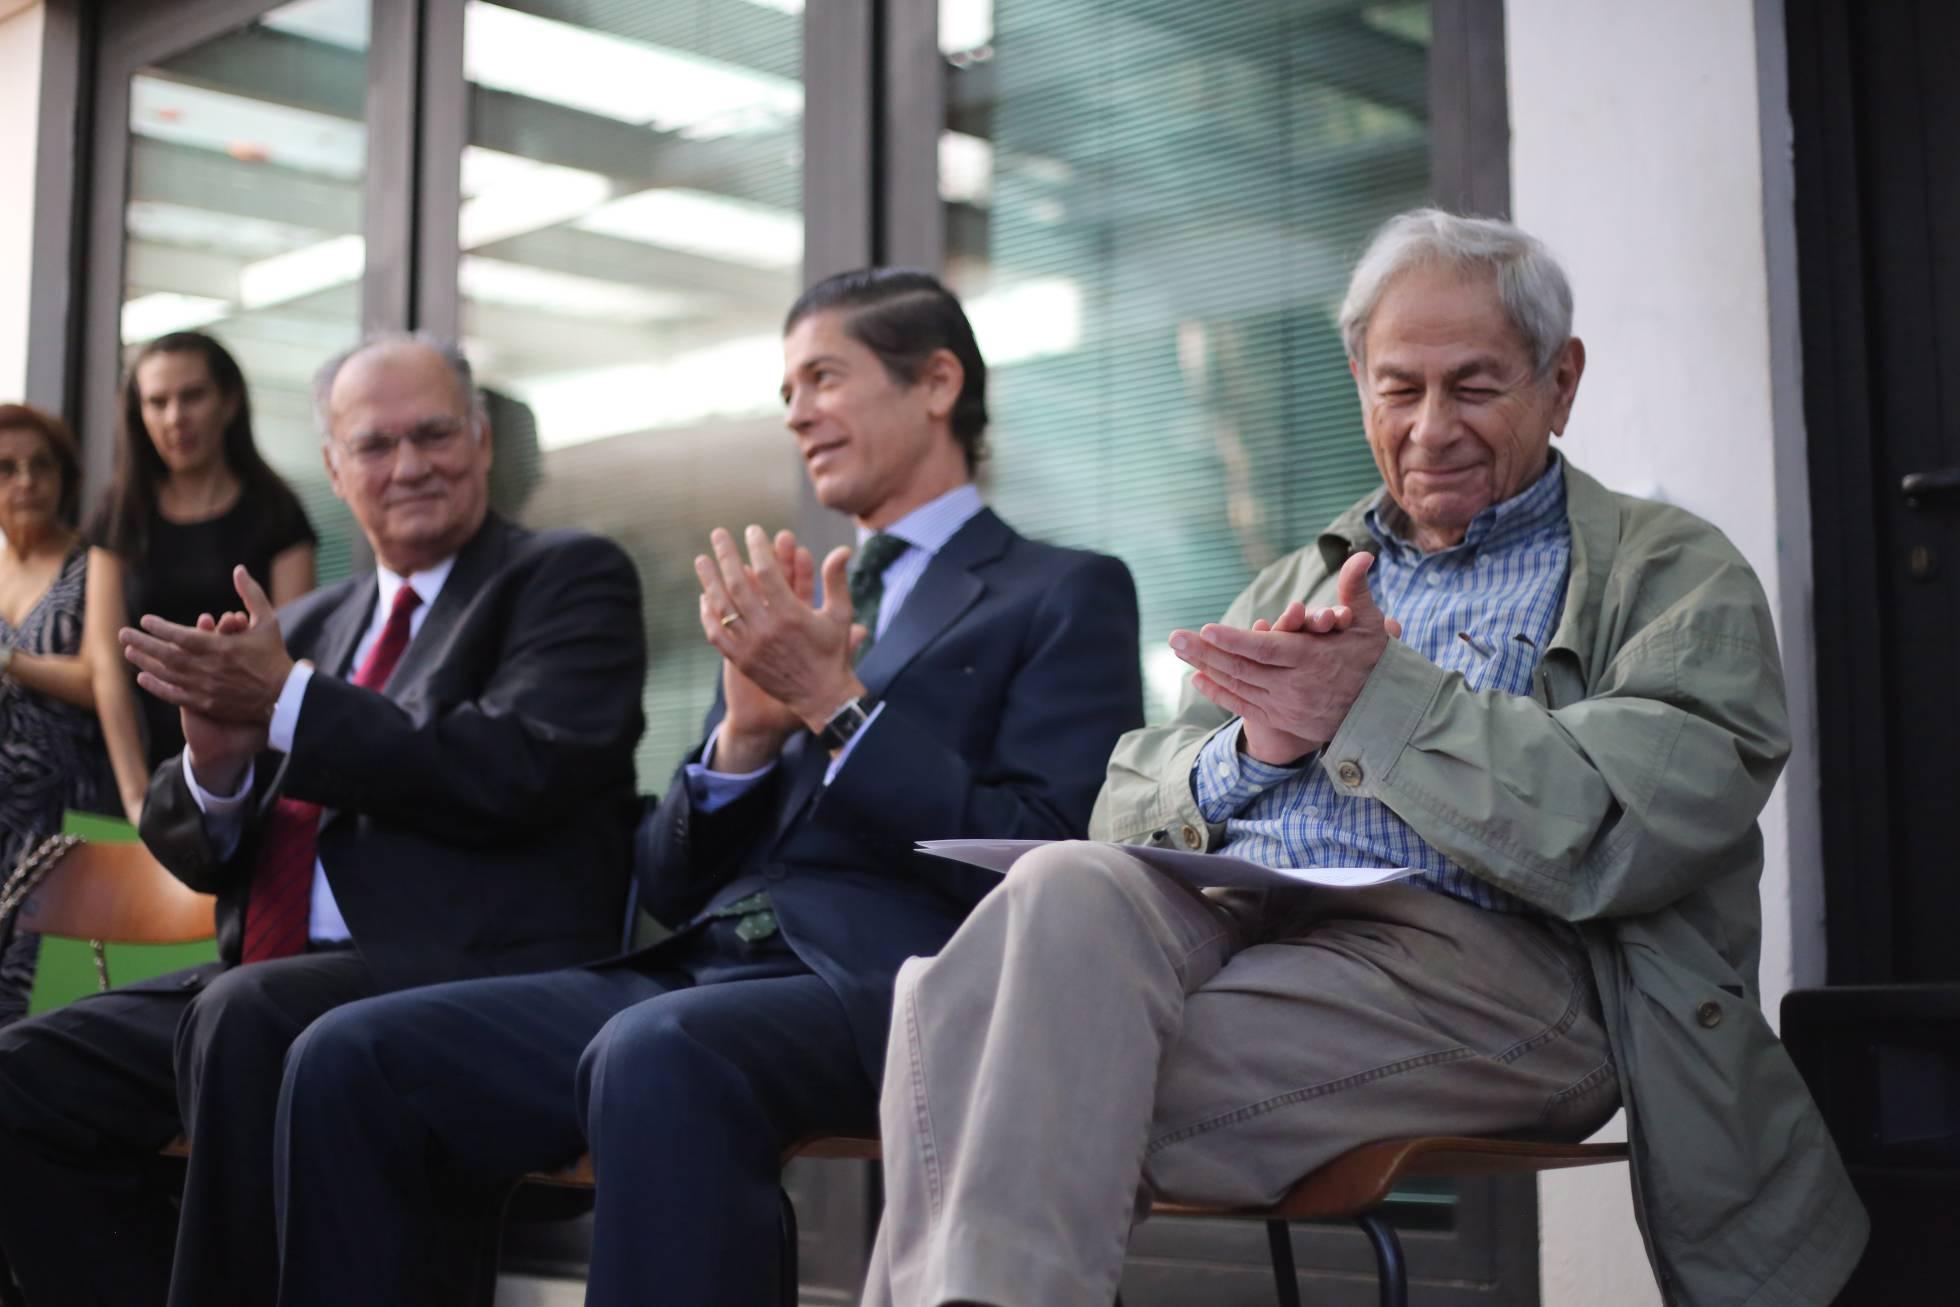 Roberto Freire, Jorge Cabral e Raduan Nassar na entrega do Prêmio Camões (Foto: Marcos Alves/O Globo)